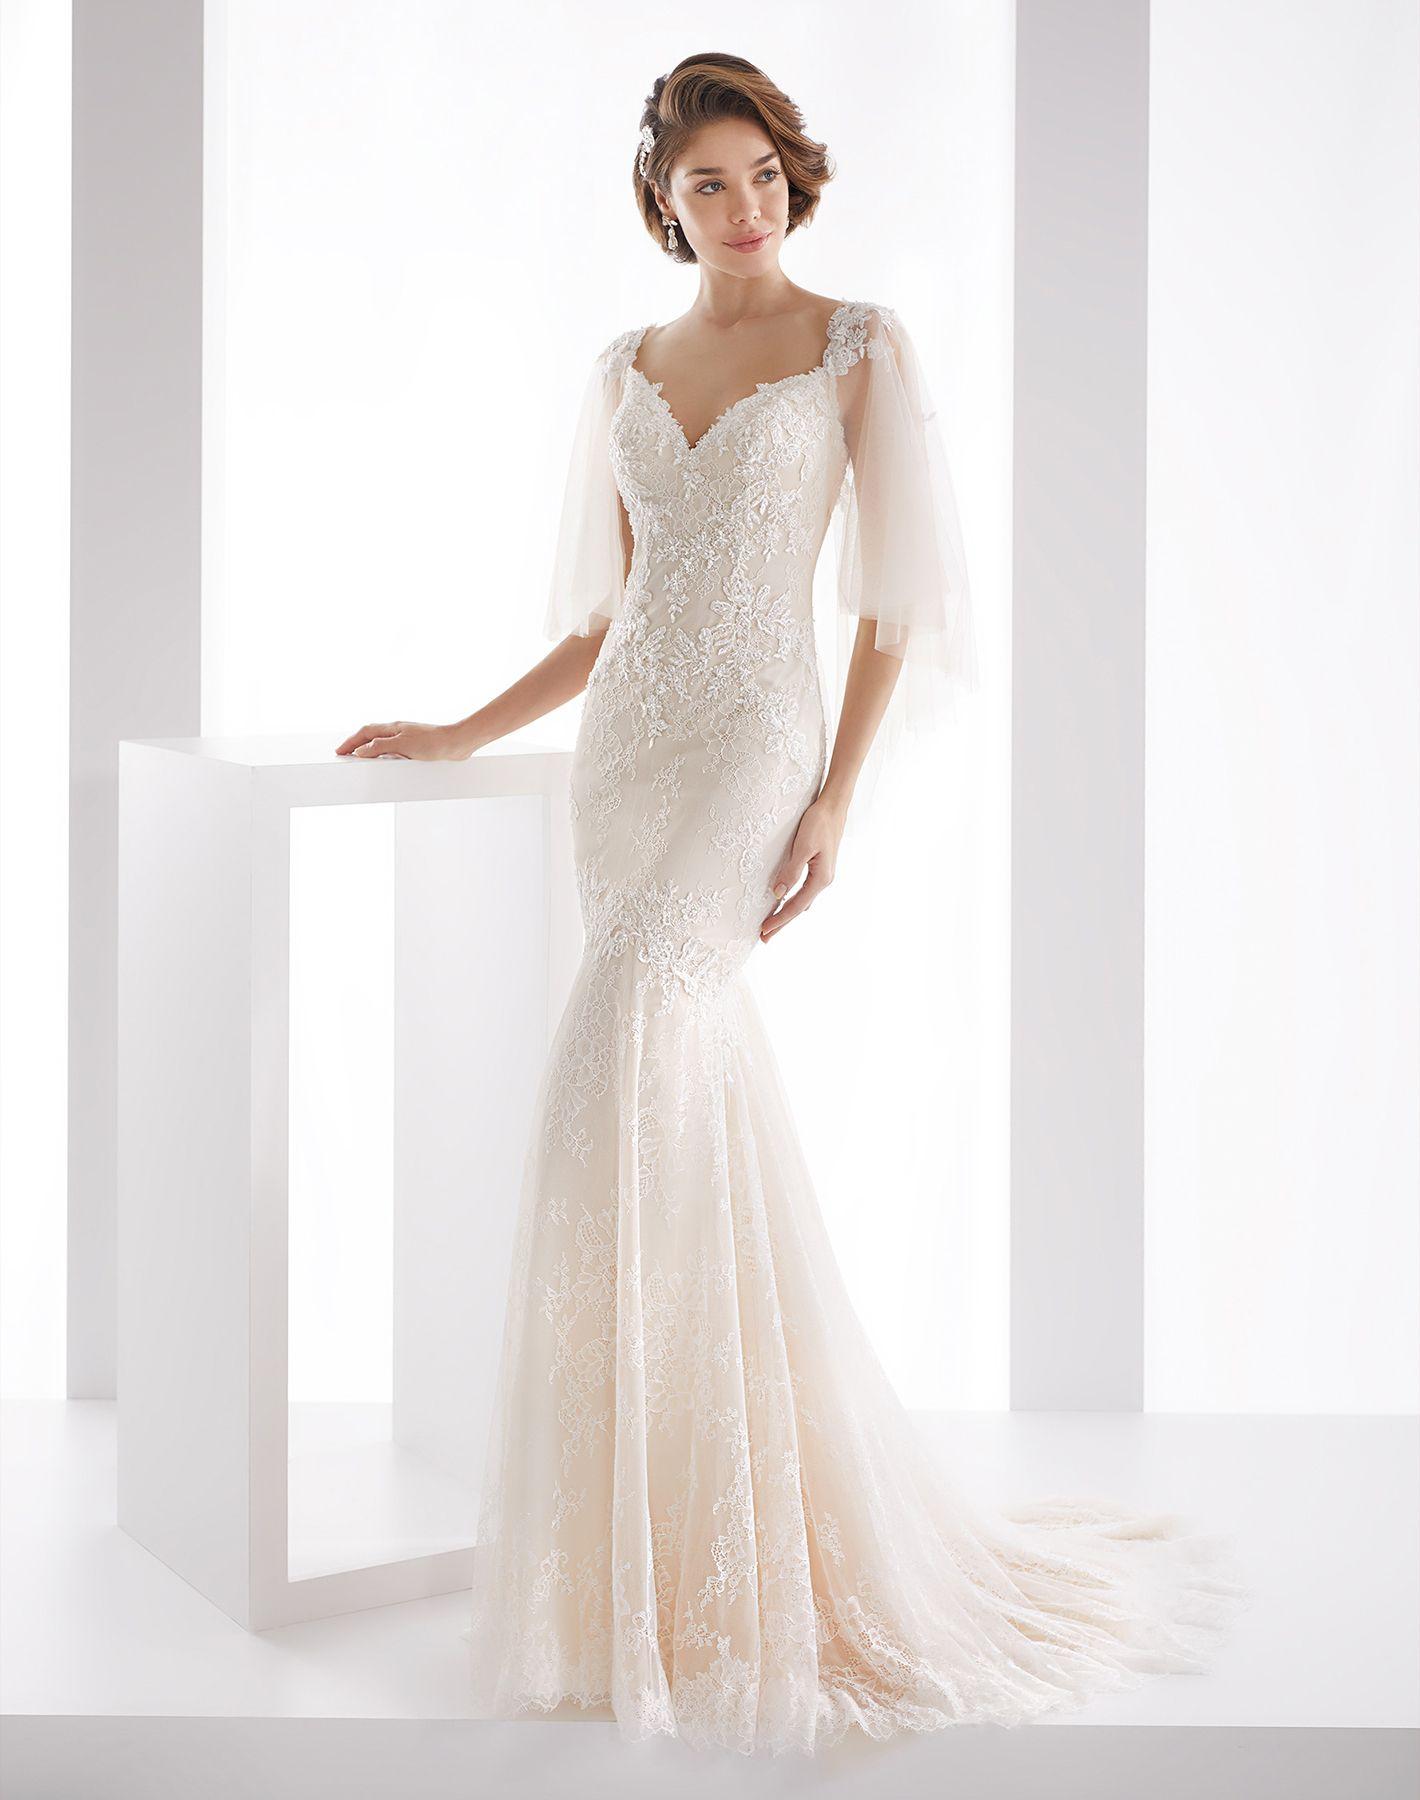 bodasnet bodas Vestido joab19462 cape capa Novia De Jolies wwvAXP